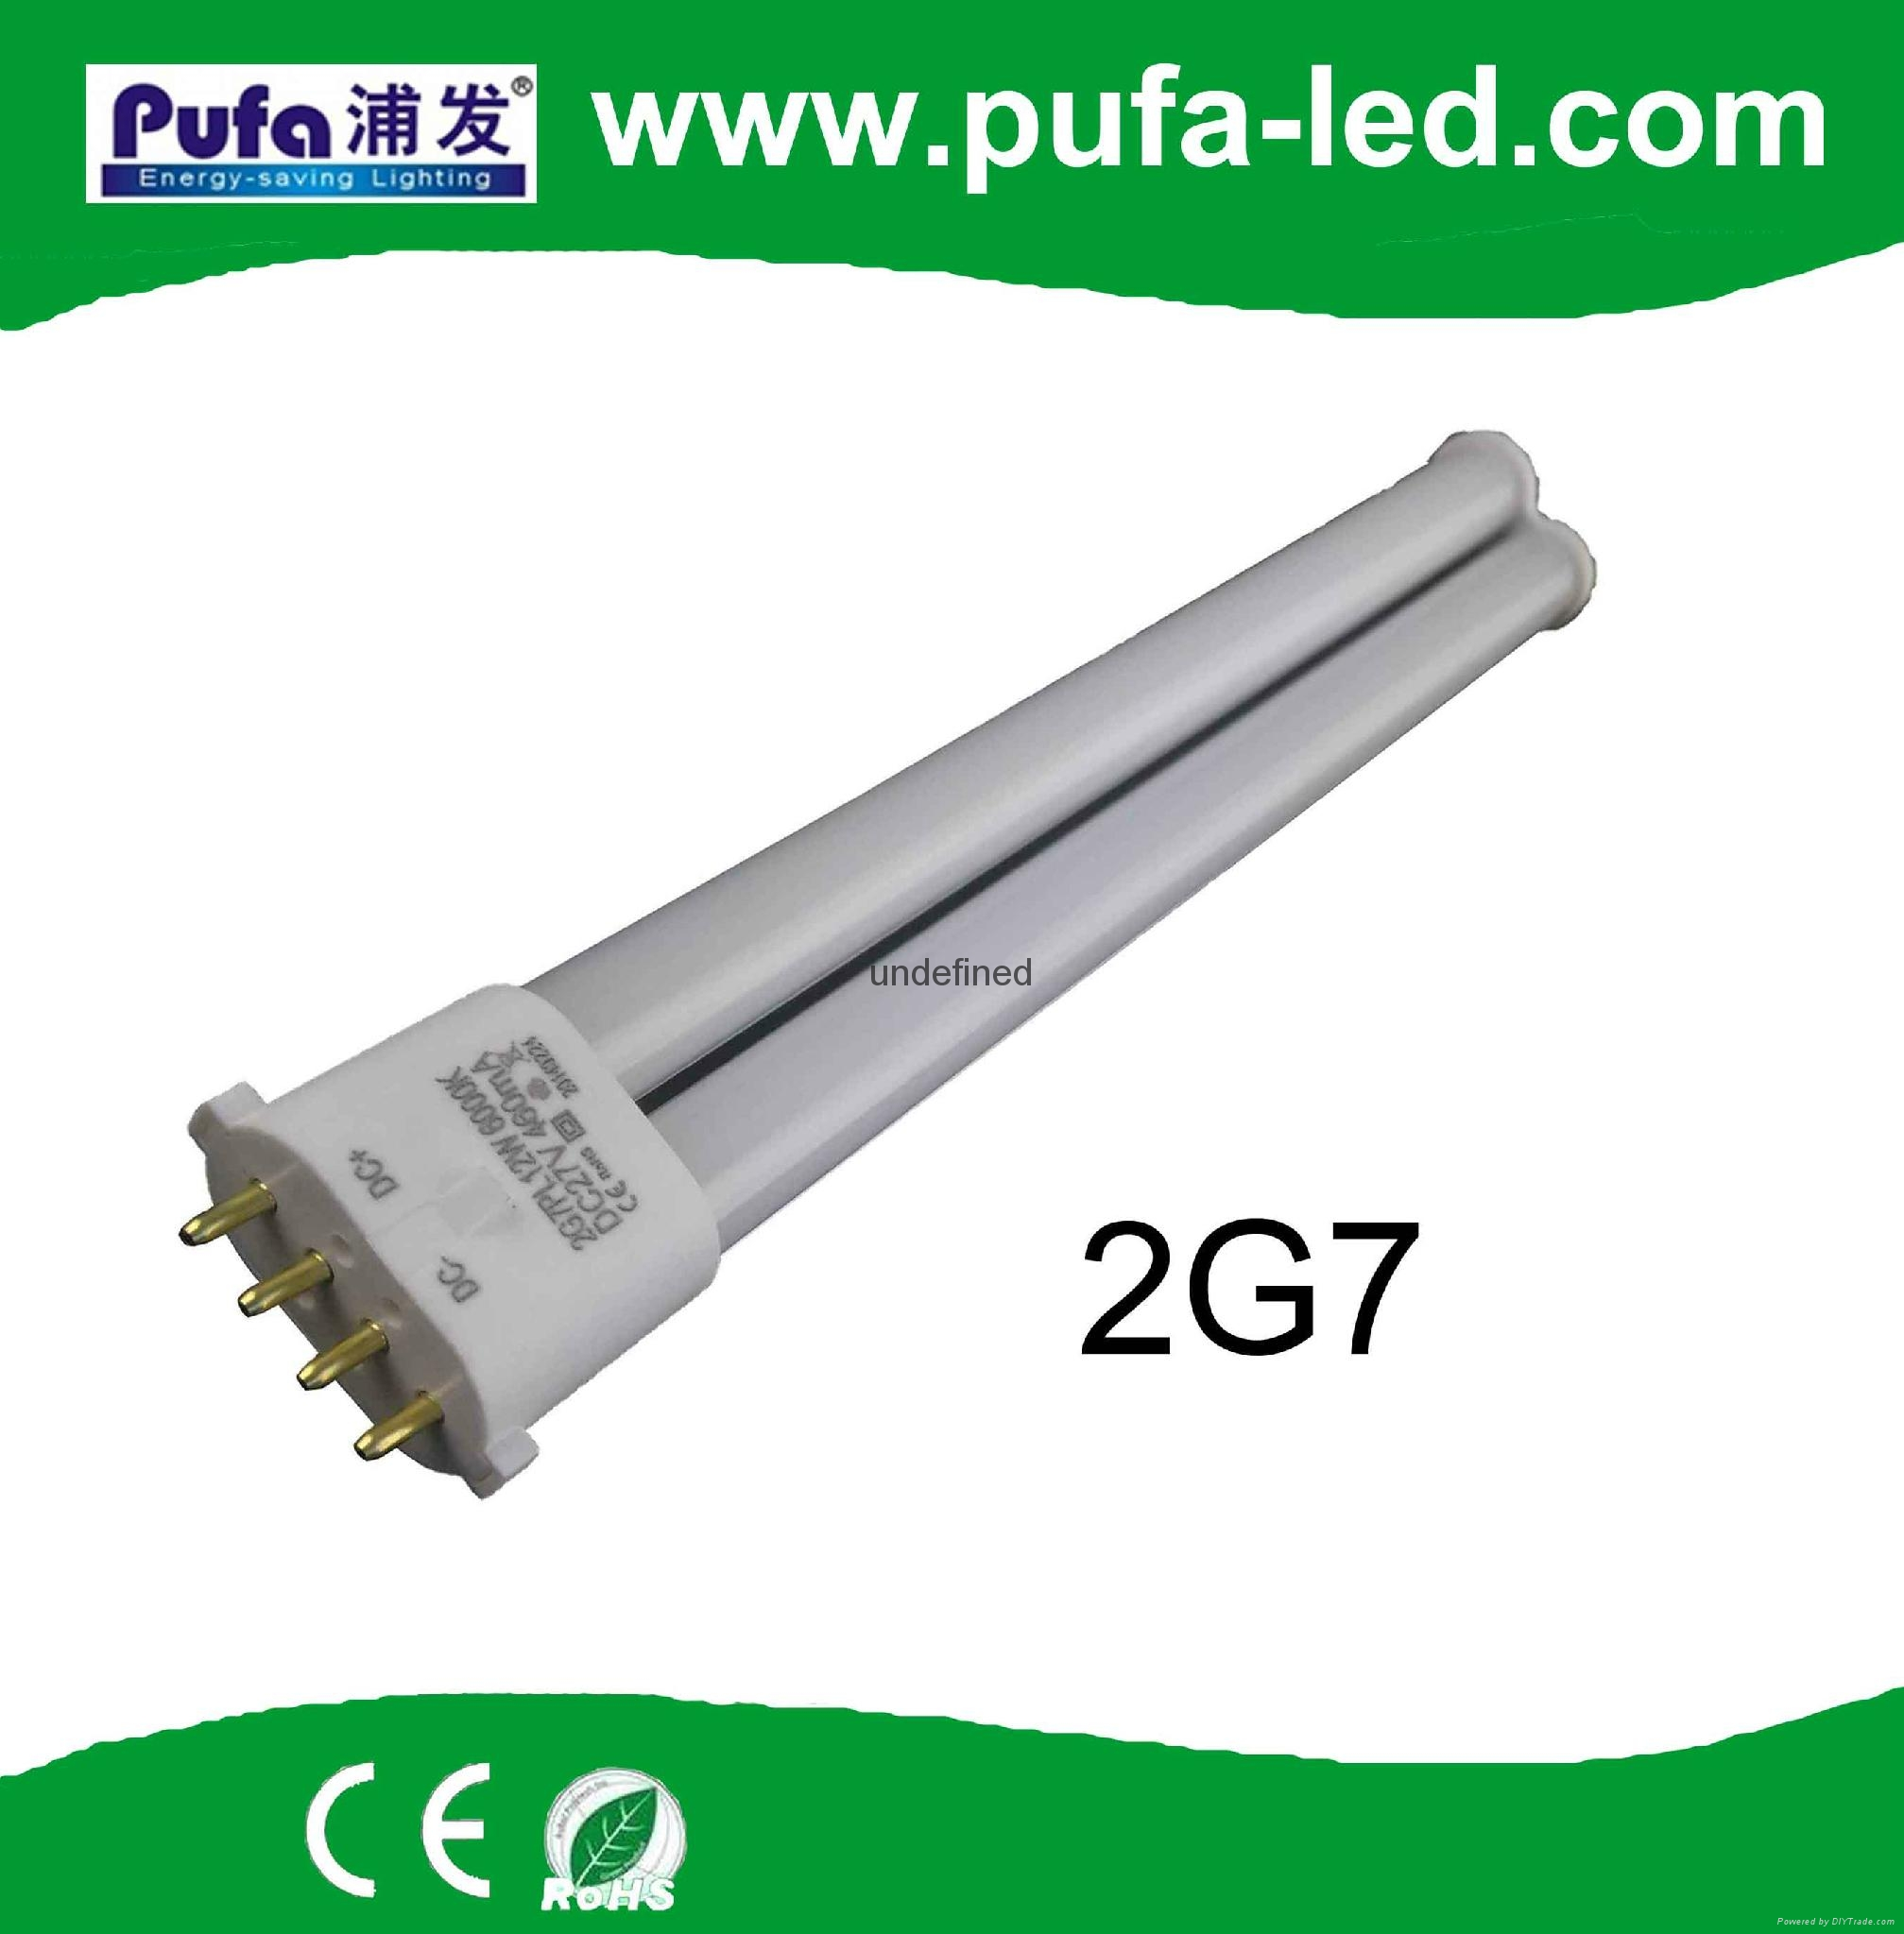 2G7 LED 横插灯 9W 1